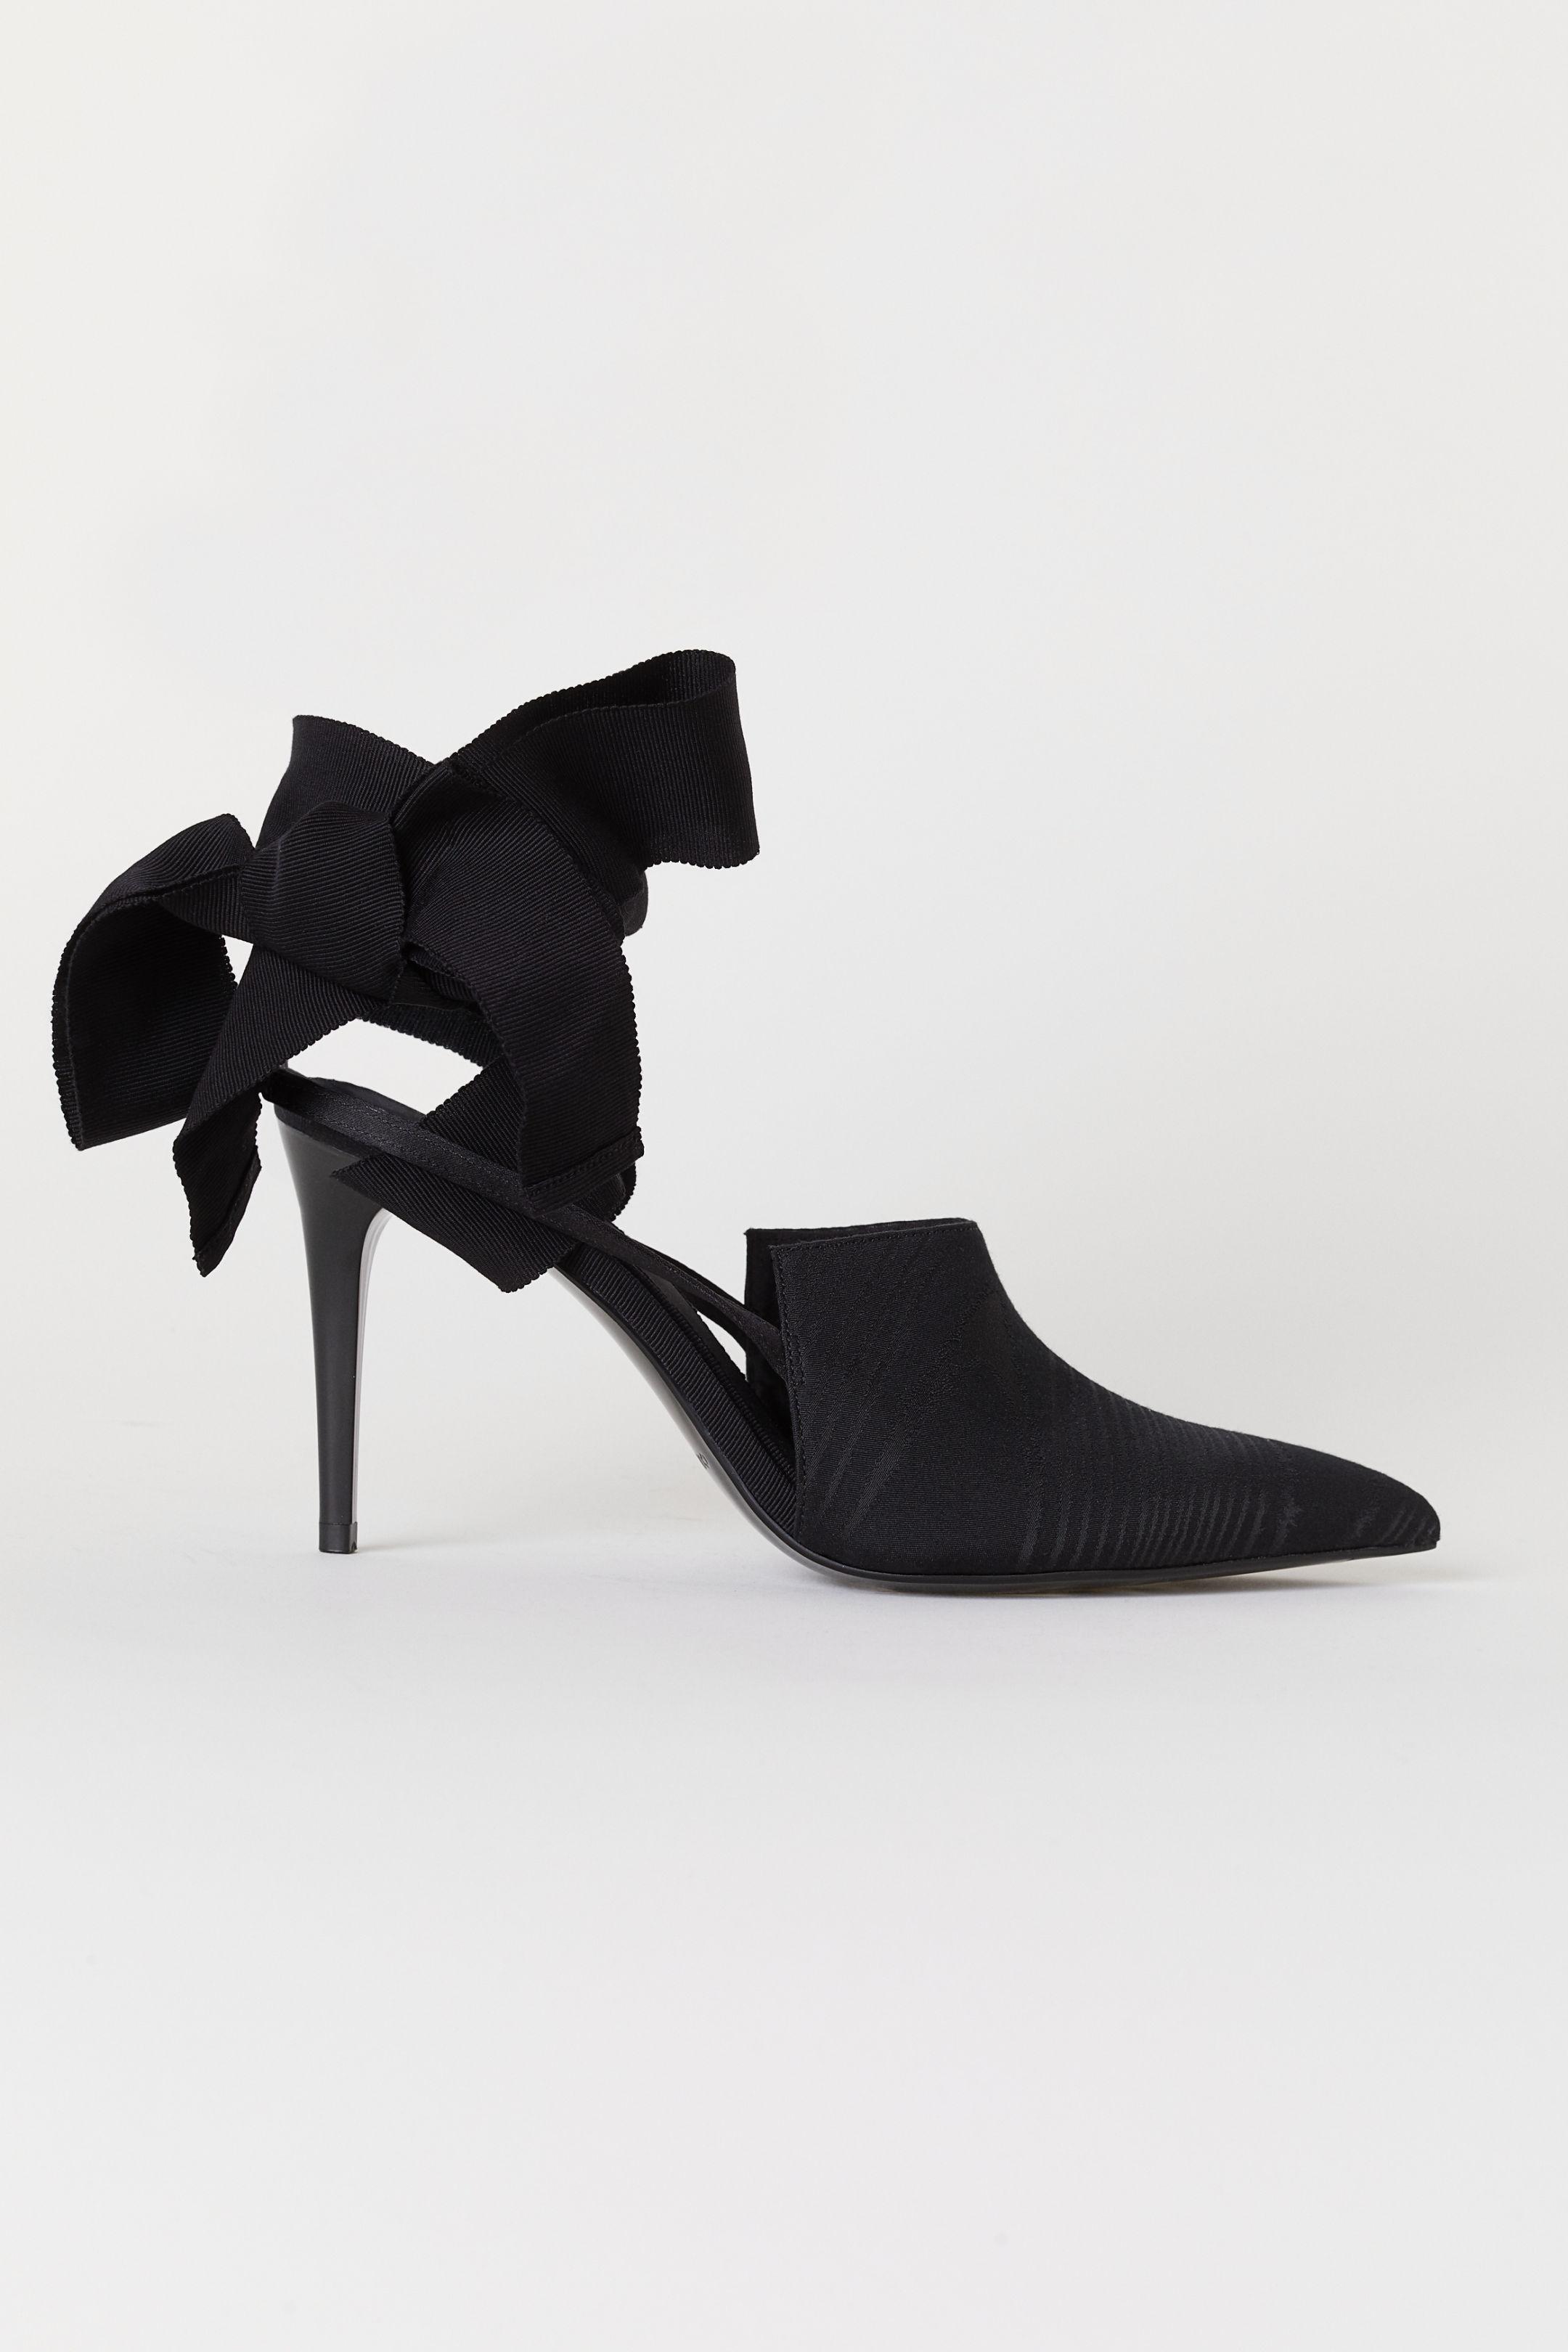 Scarpe eleganti con tacco H&M a 69,99 euro autunno inverno 2018 2019